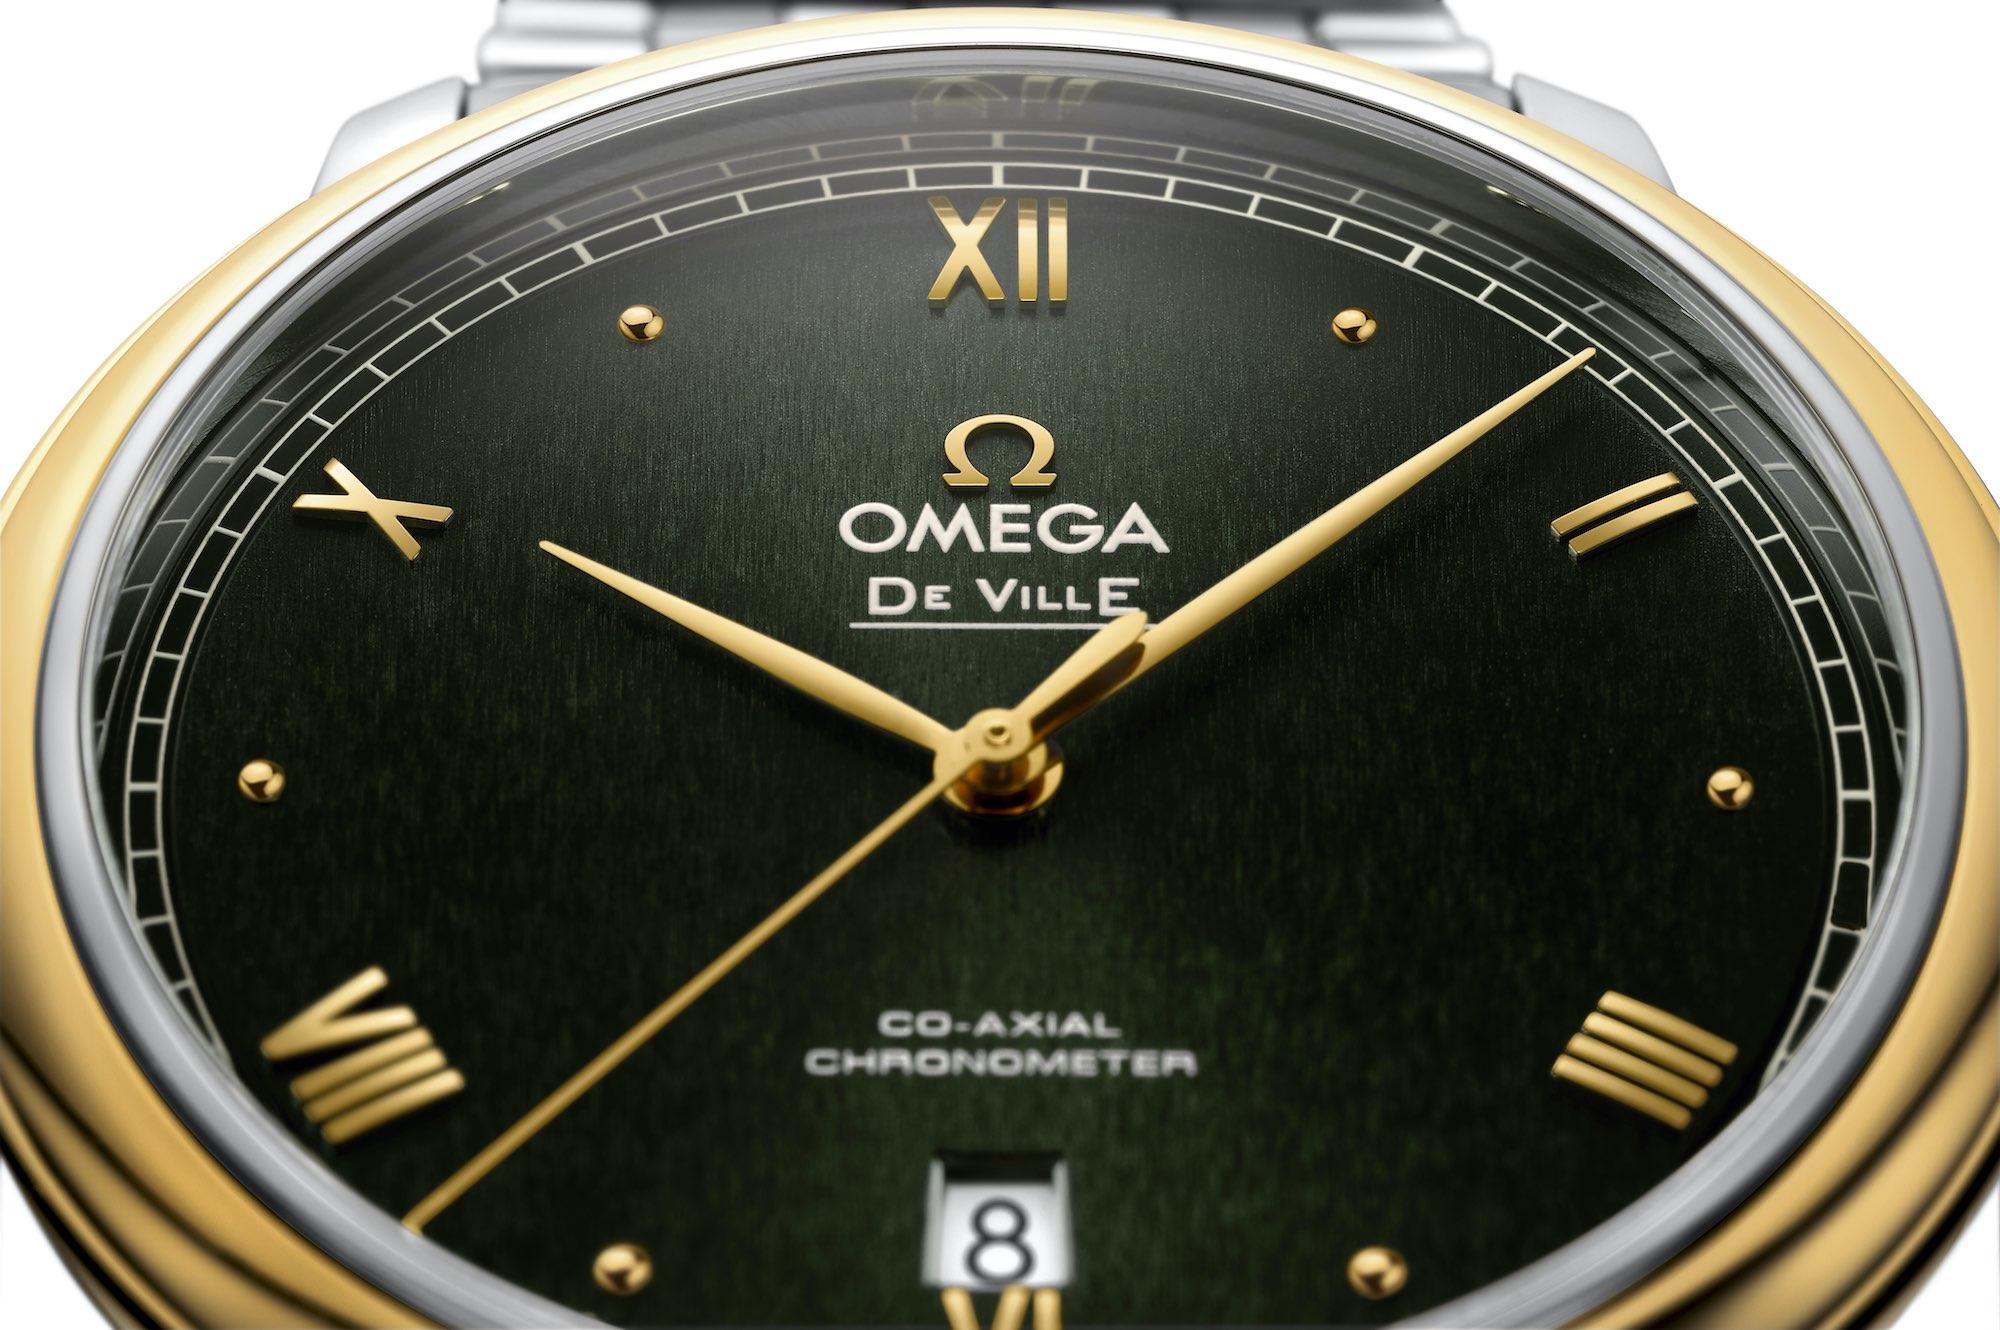 Introducing New Omega De Ville Prestige Models for 2020